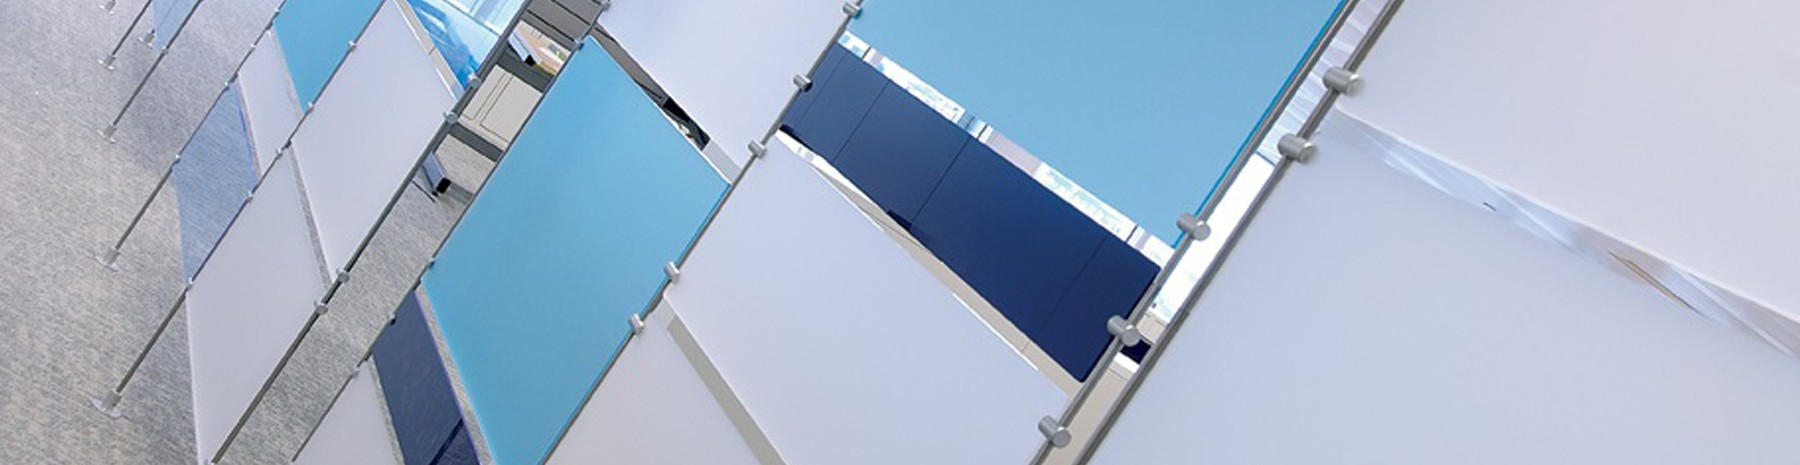 Totem d'affichage A4 horizontale, vertical ou mixte sur platine